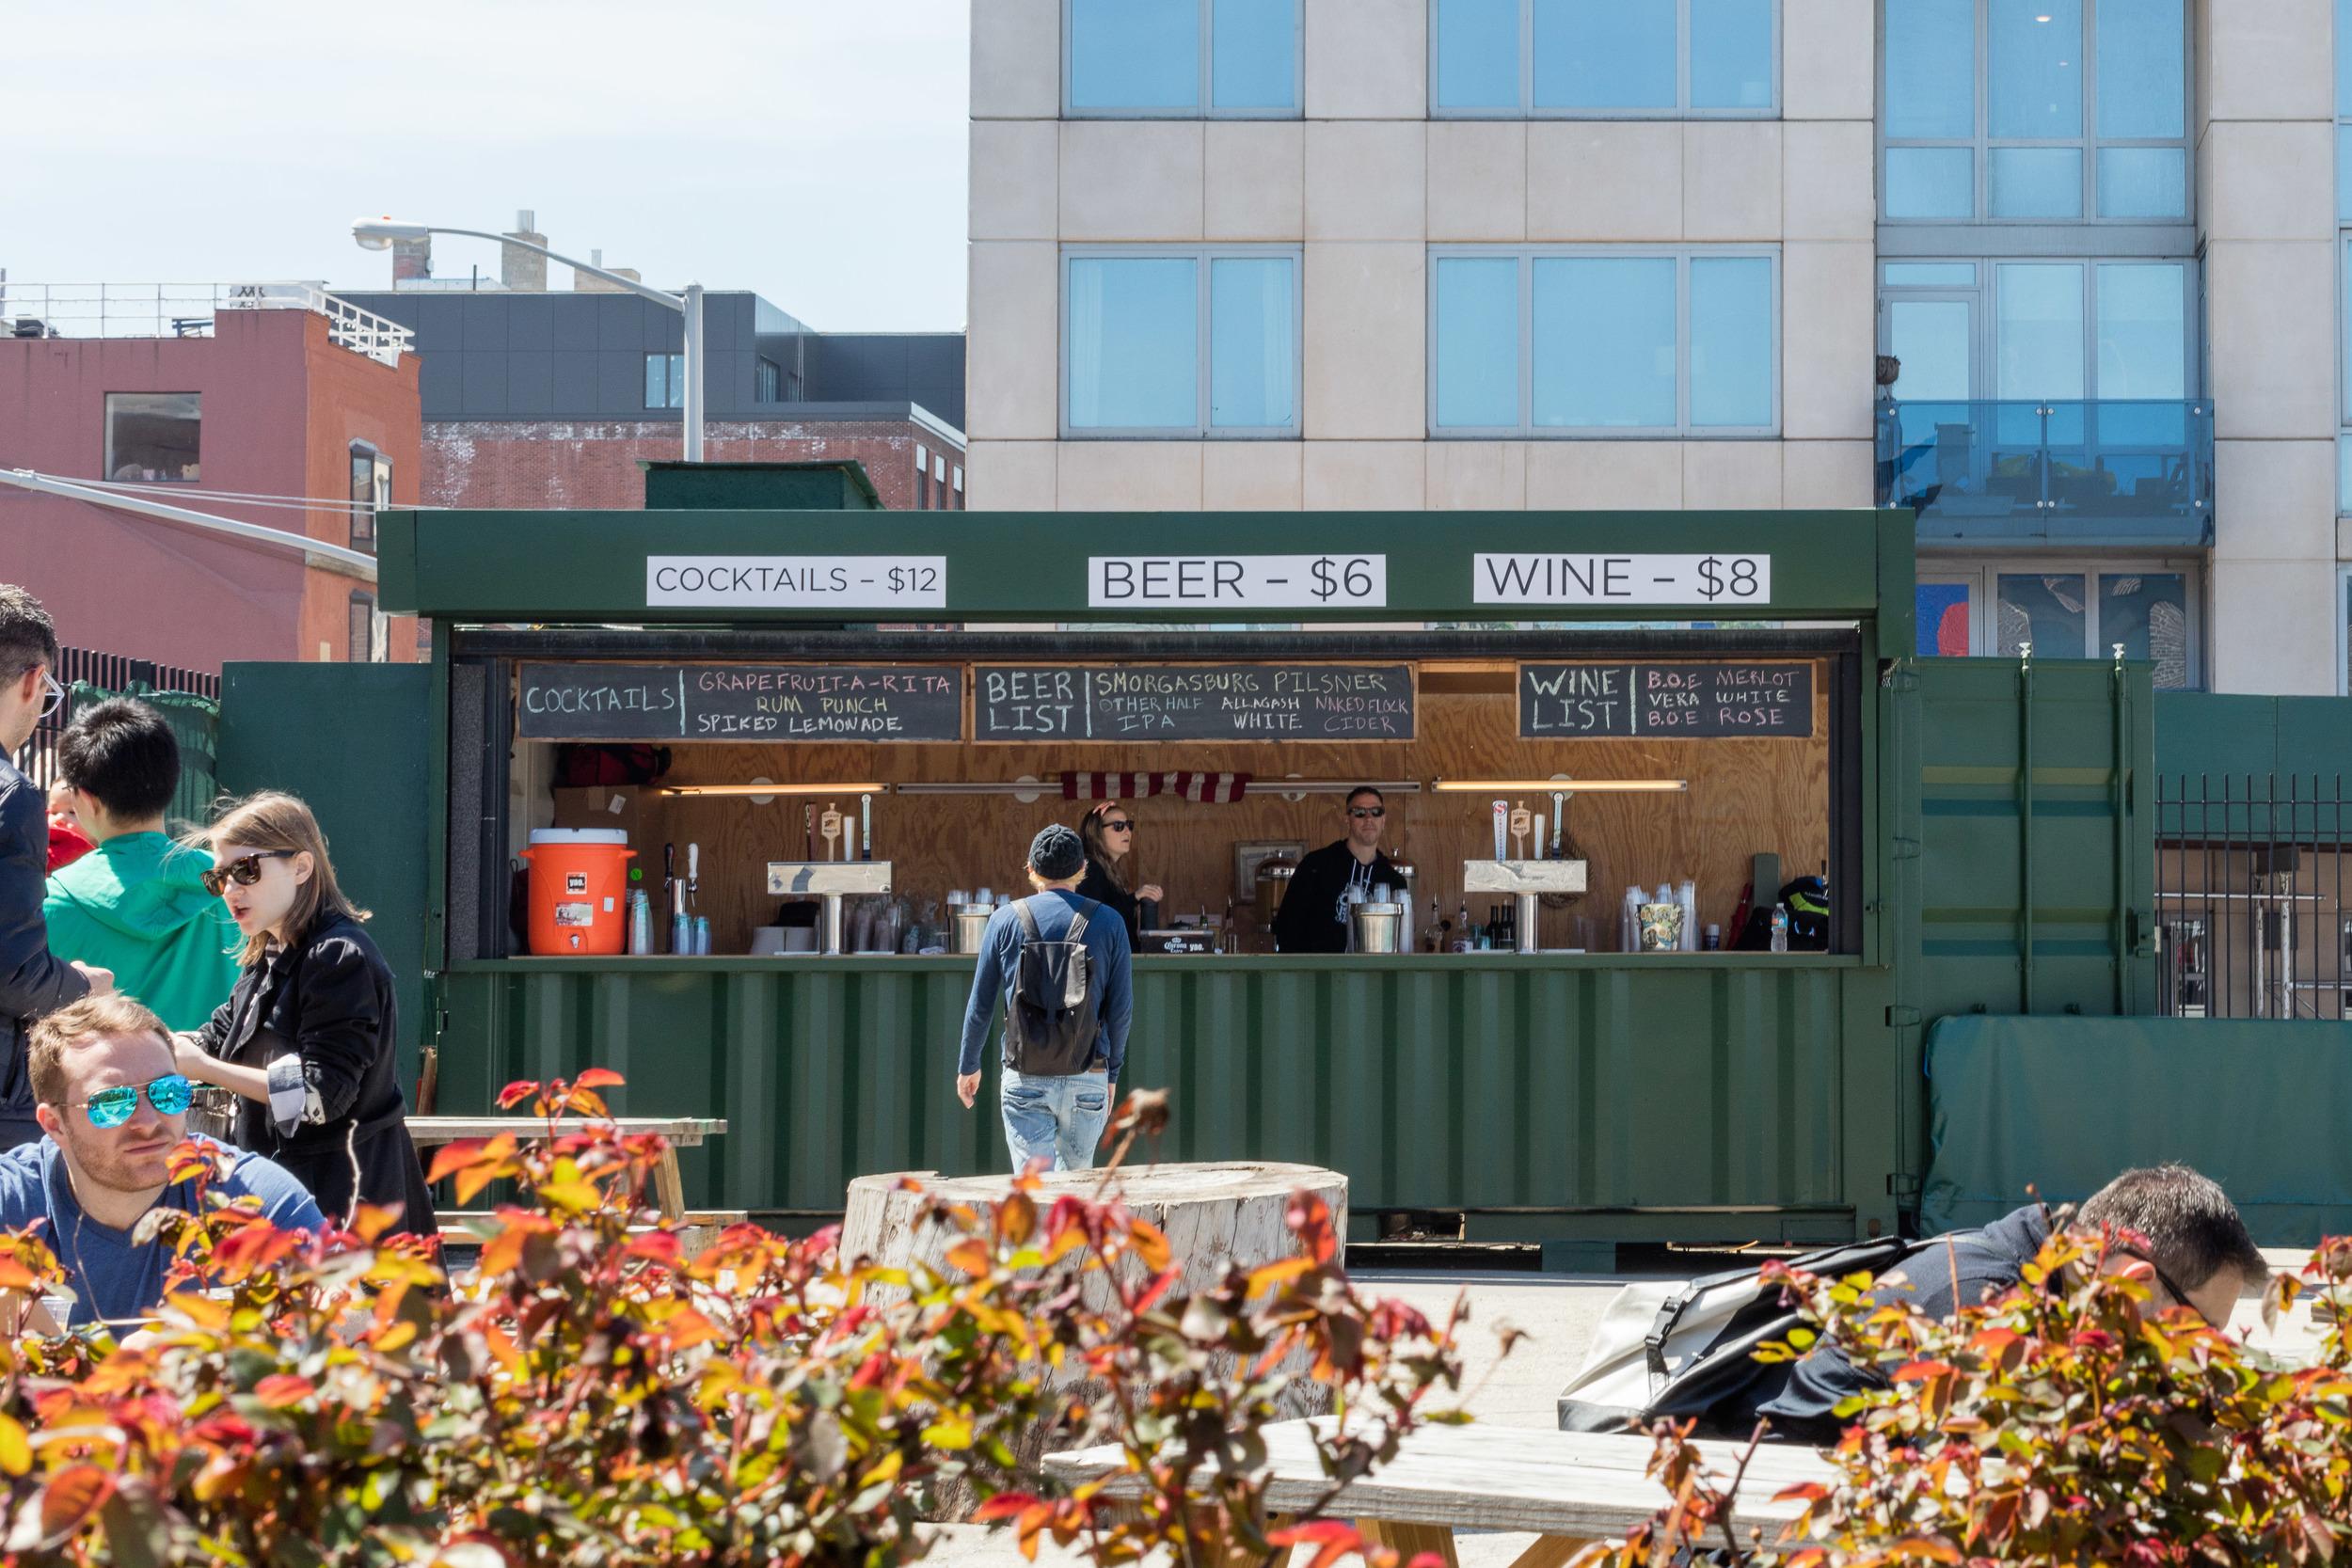 Lokalmat betyr også lokalbrygg. Tradisjonene er lange på denne siden av East River, her hvor  Brooklyn Brewery  ligger kun et steinkast unna.Foto: Sven-Erik Knoff